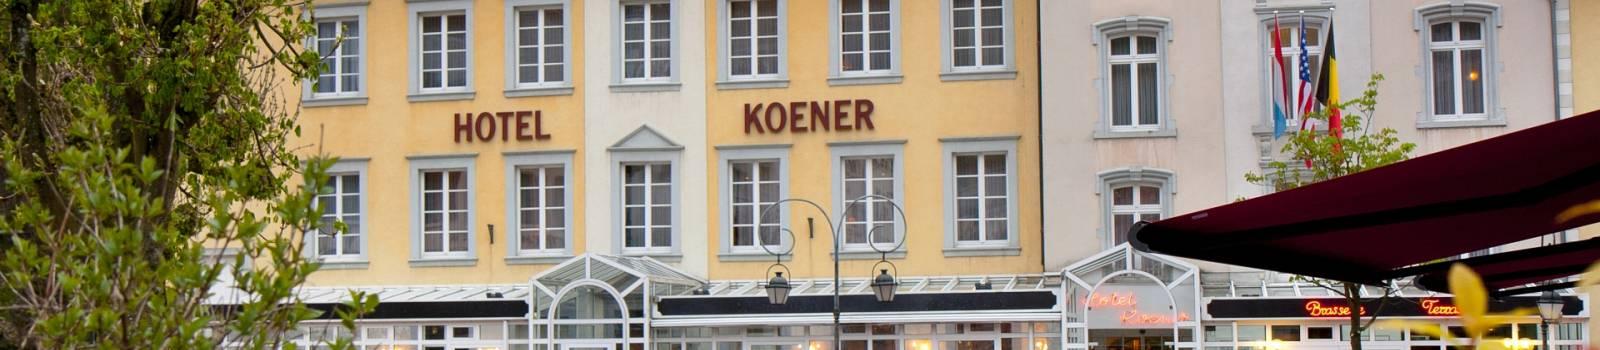 koener3